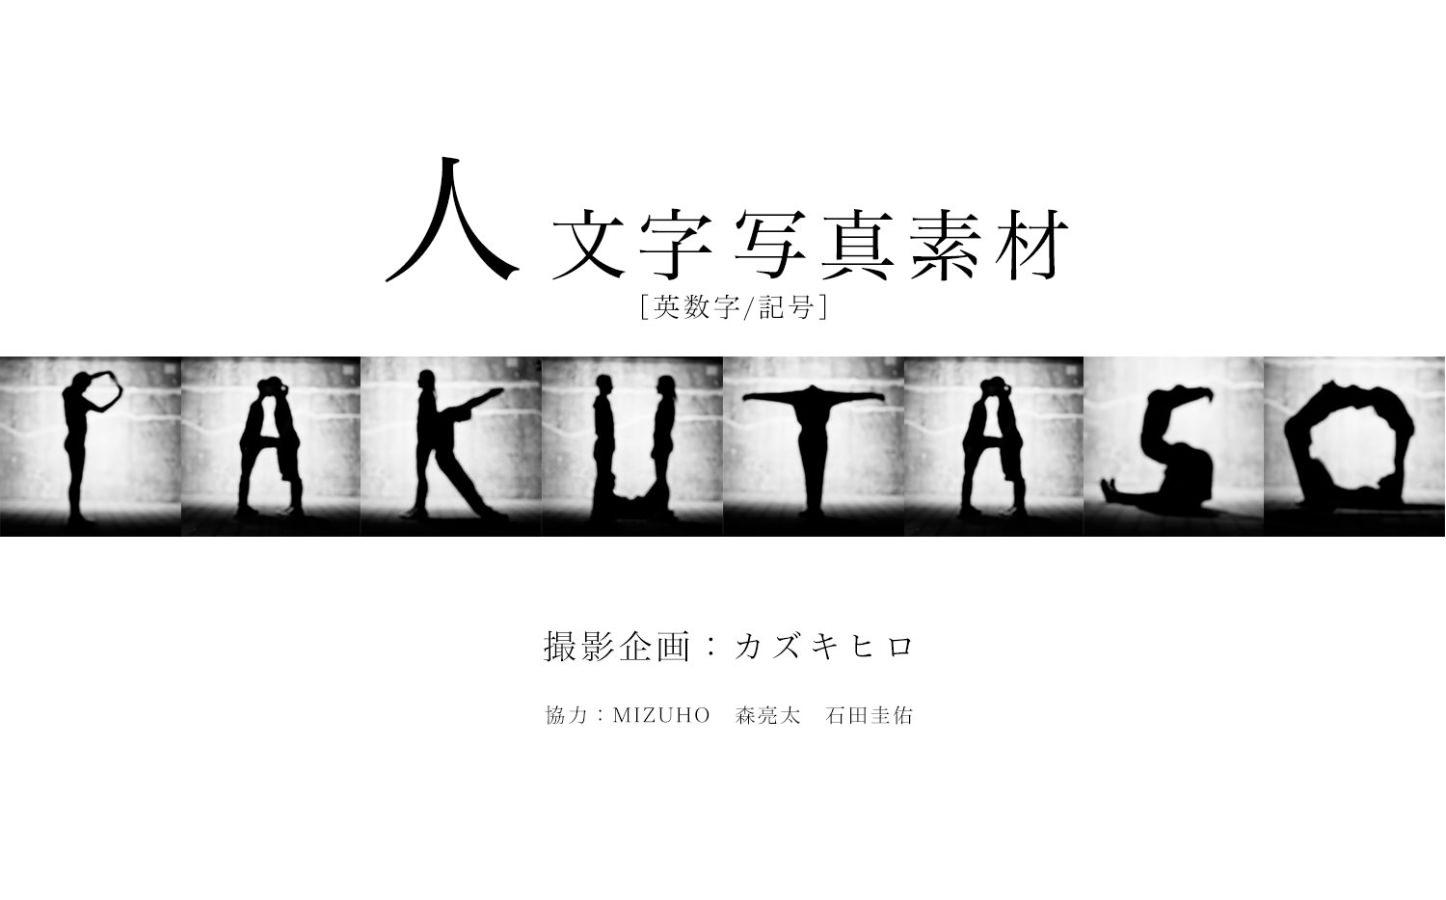 kazukihirohitomoji-thumb-1500×736-27519.jpg